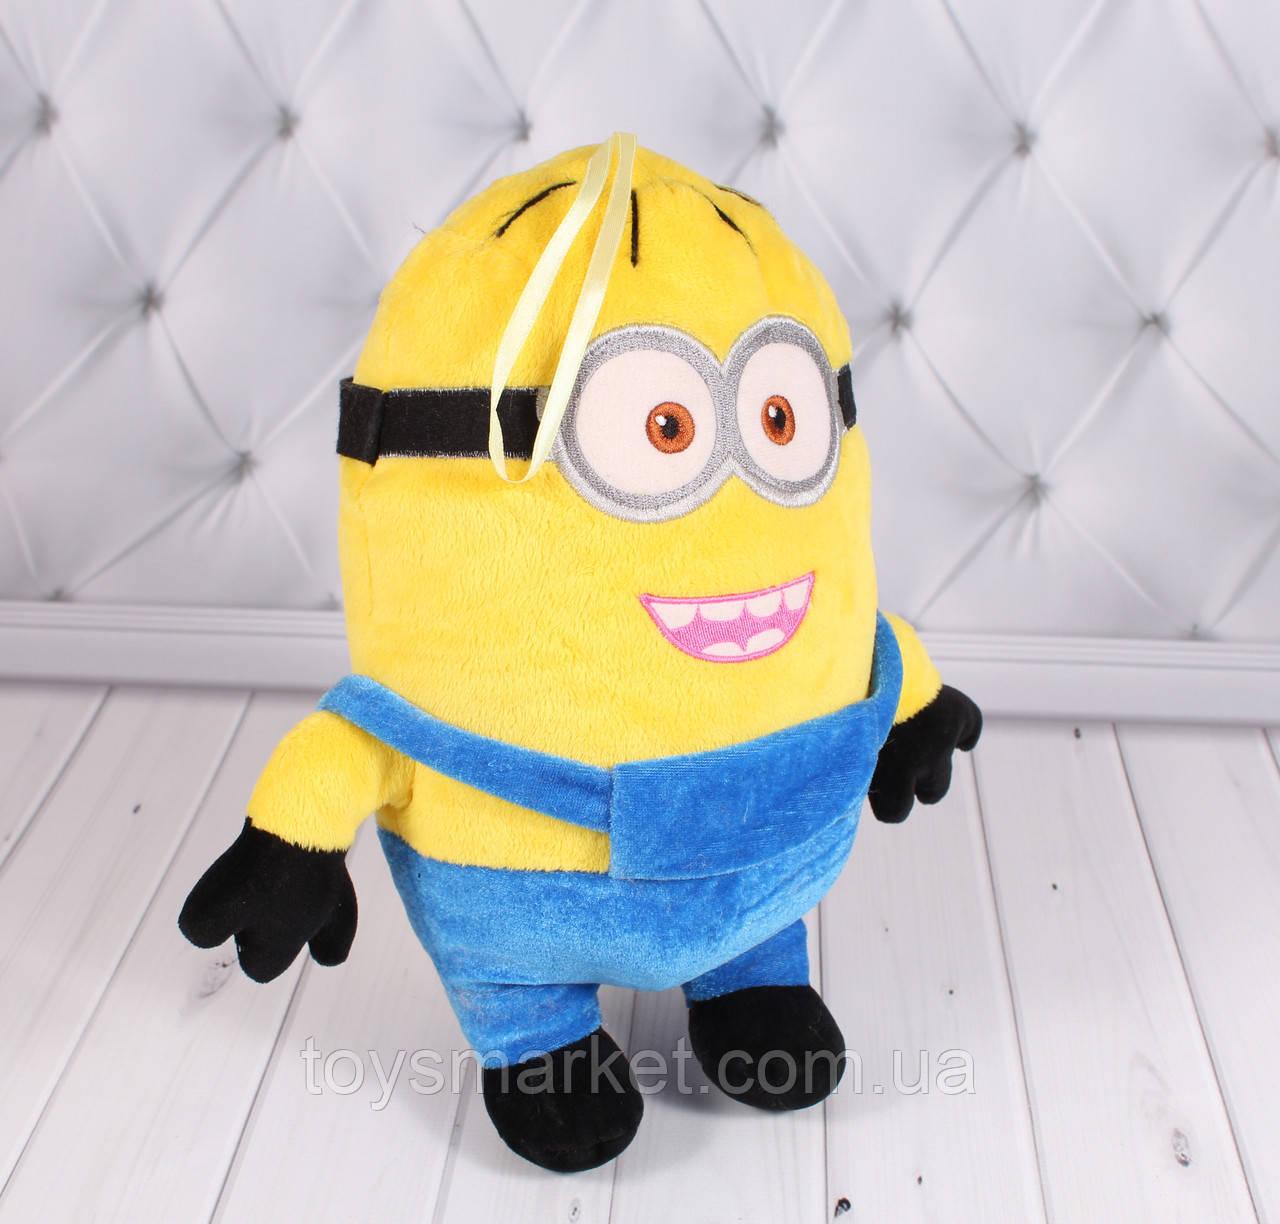 Мягкая игрушка Миньон 30 см.